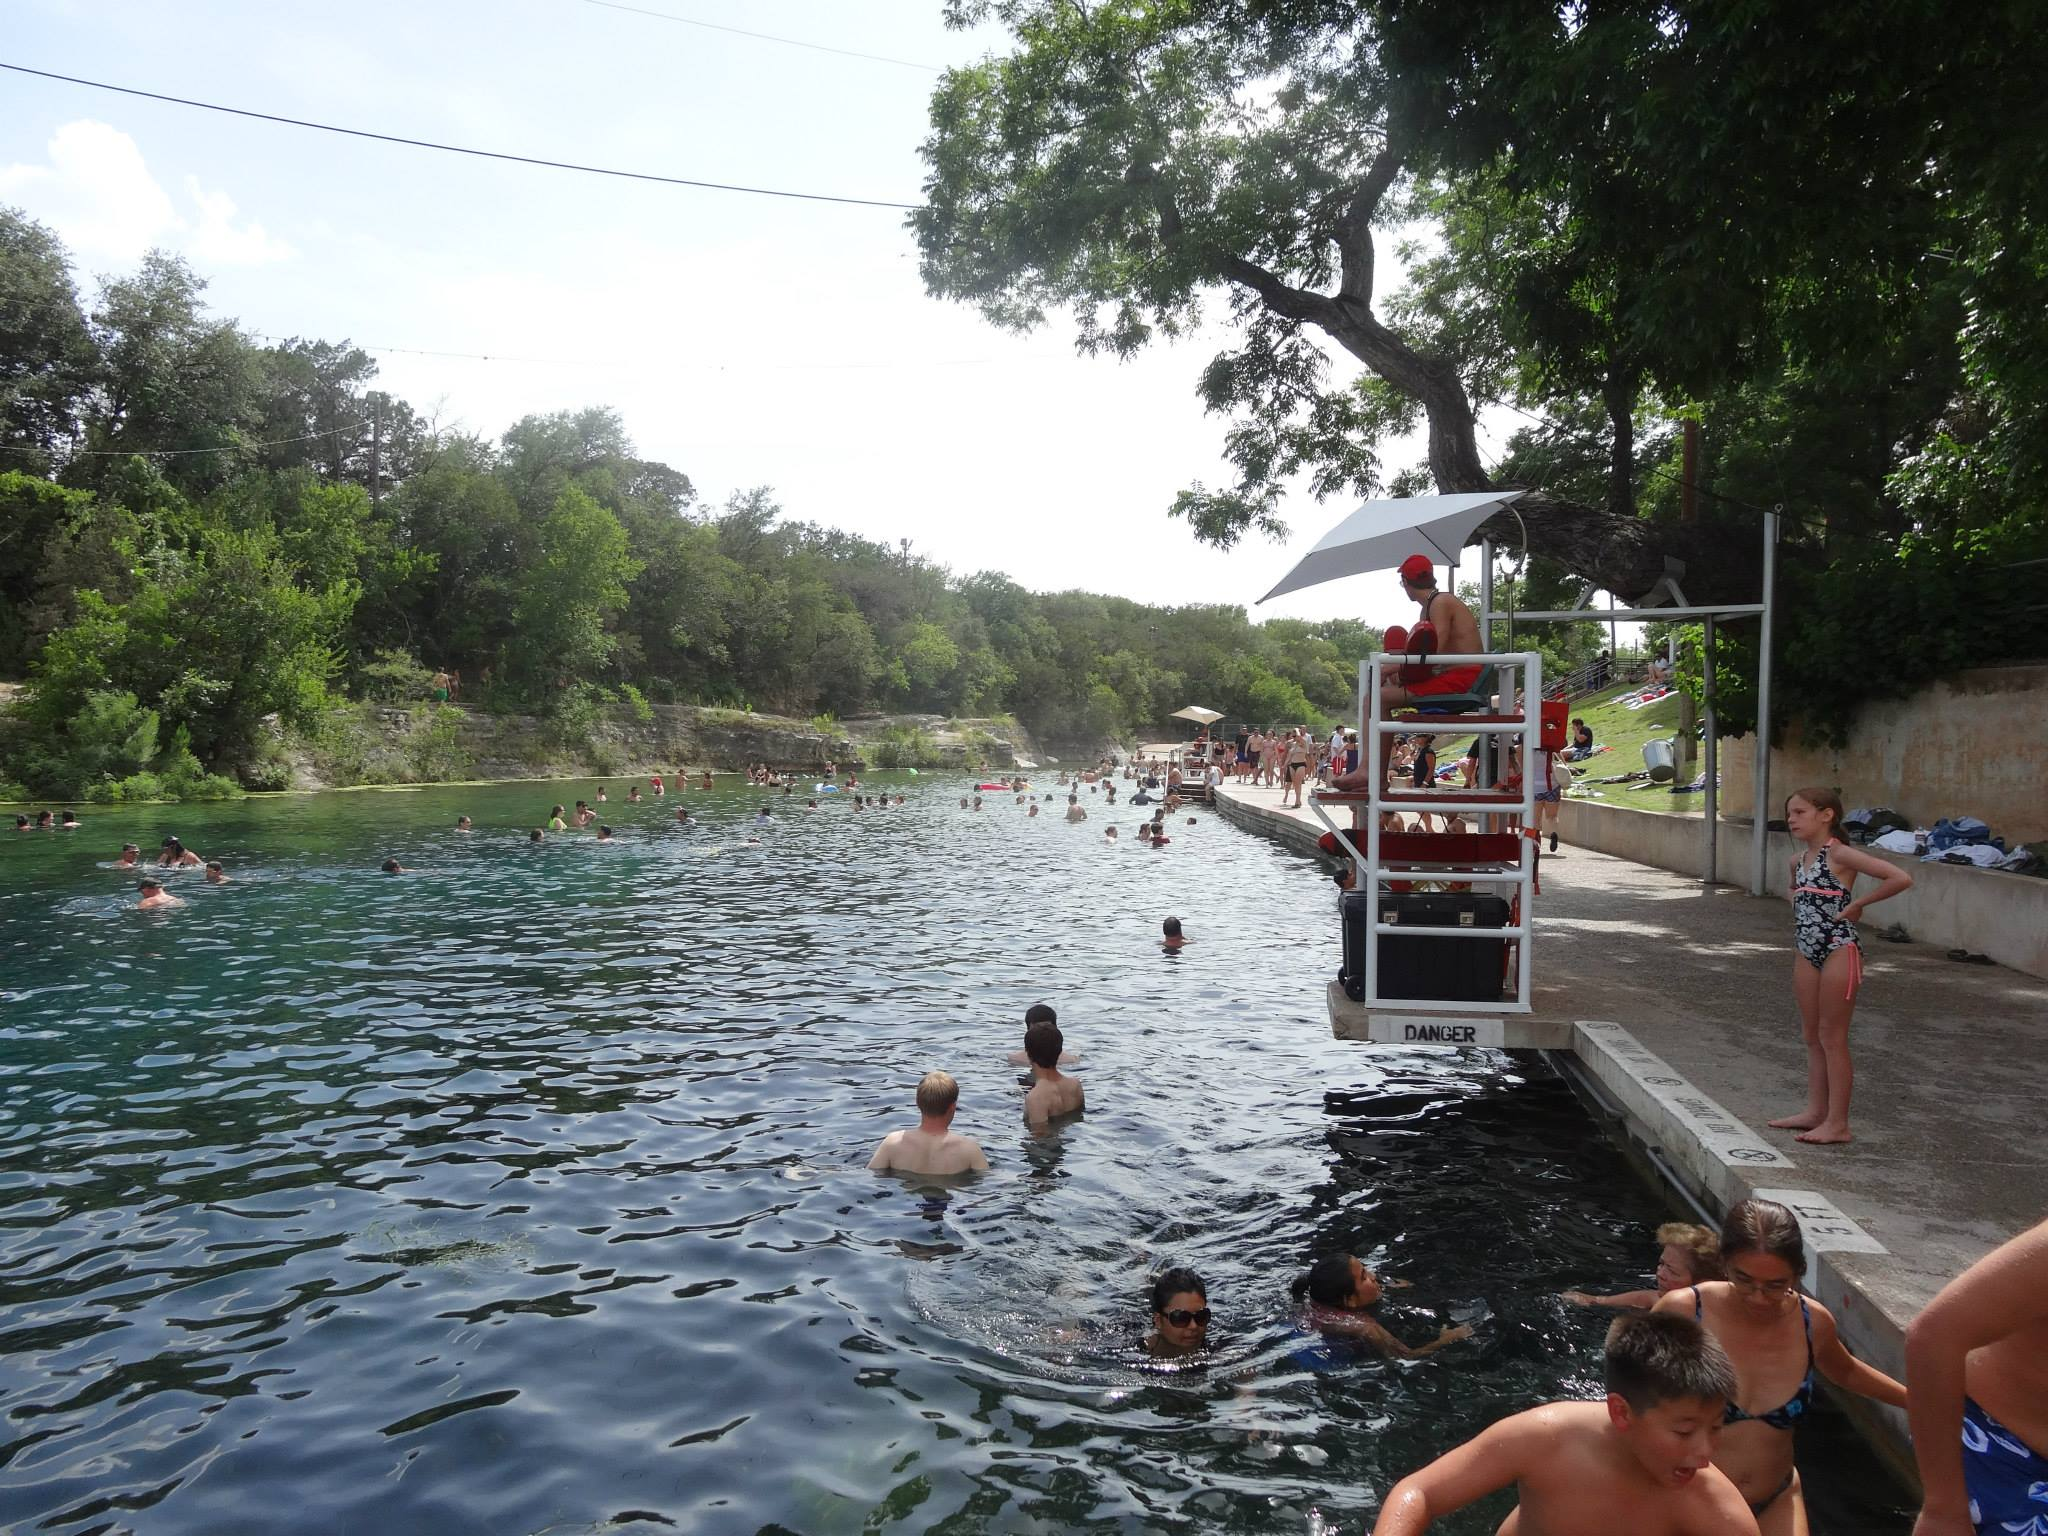 Barton springs pool and lifeguard